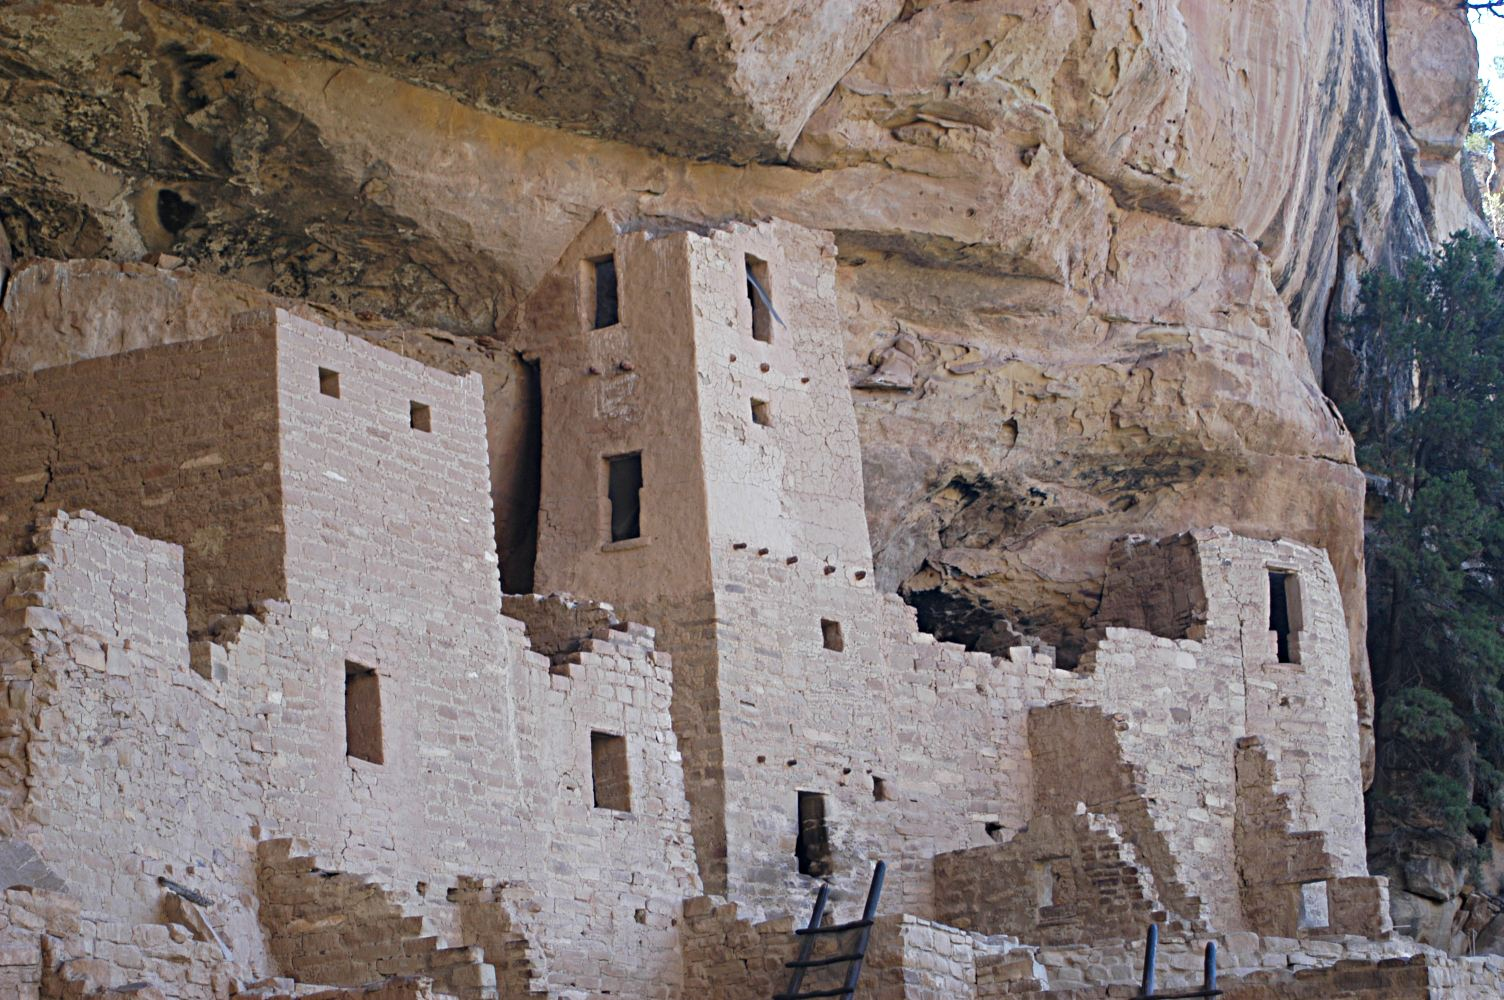 Скальный дворец анасази меса верде